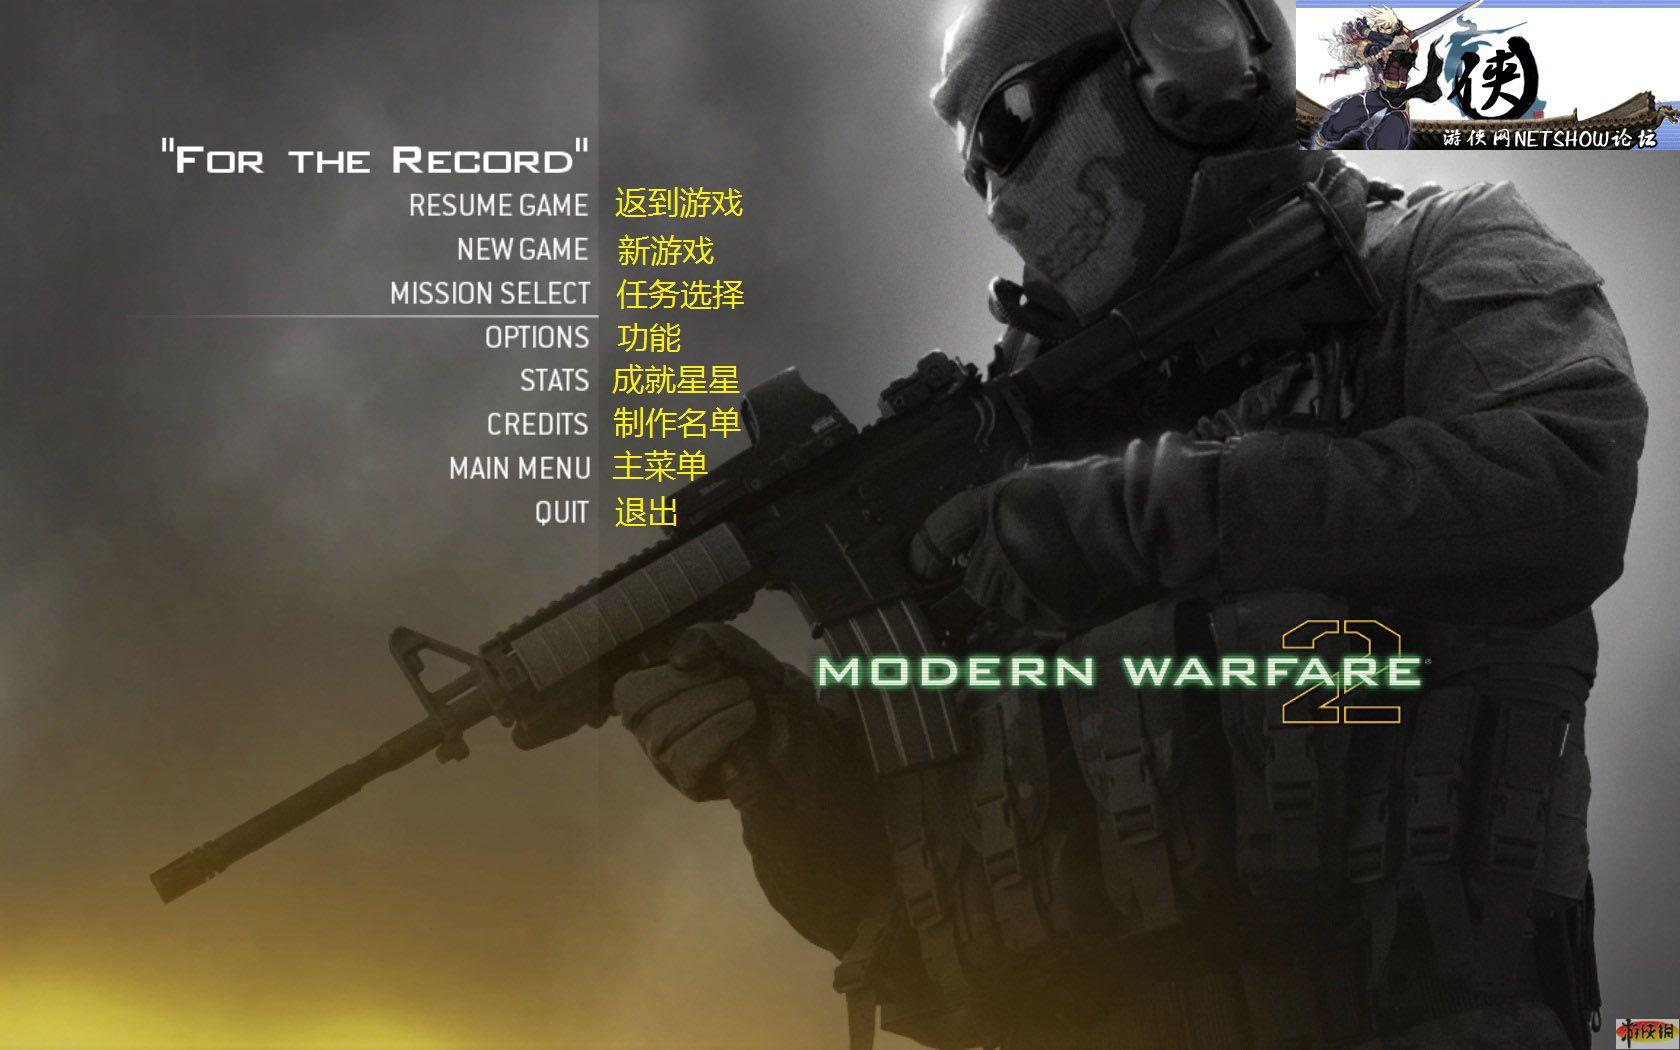 使命召唤6现代战争2菜单设置翻译 使命召唤6现代战争2攻略秘籍